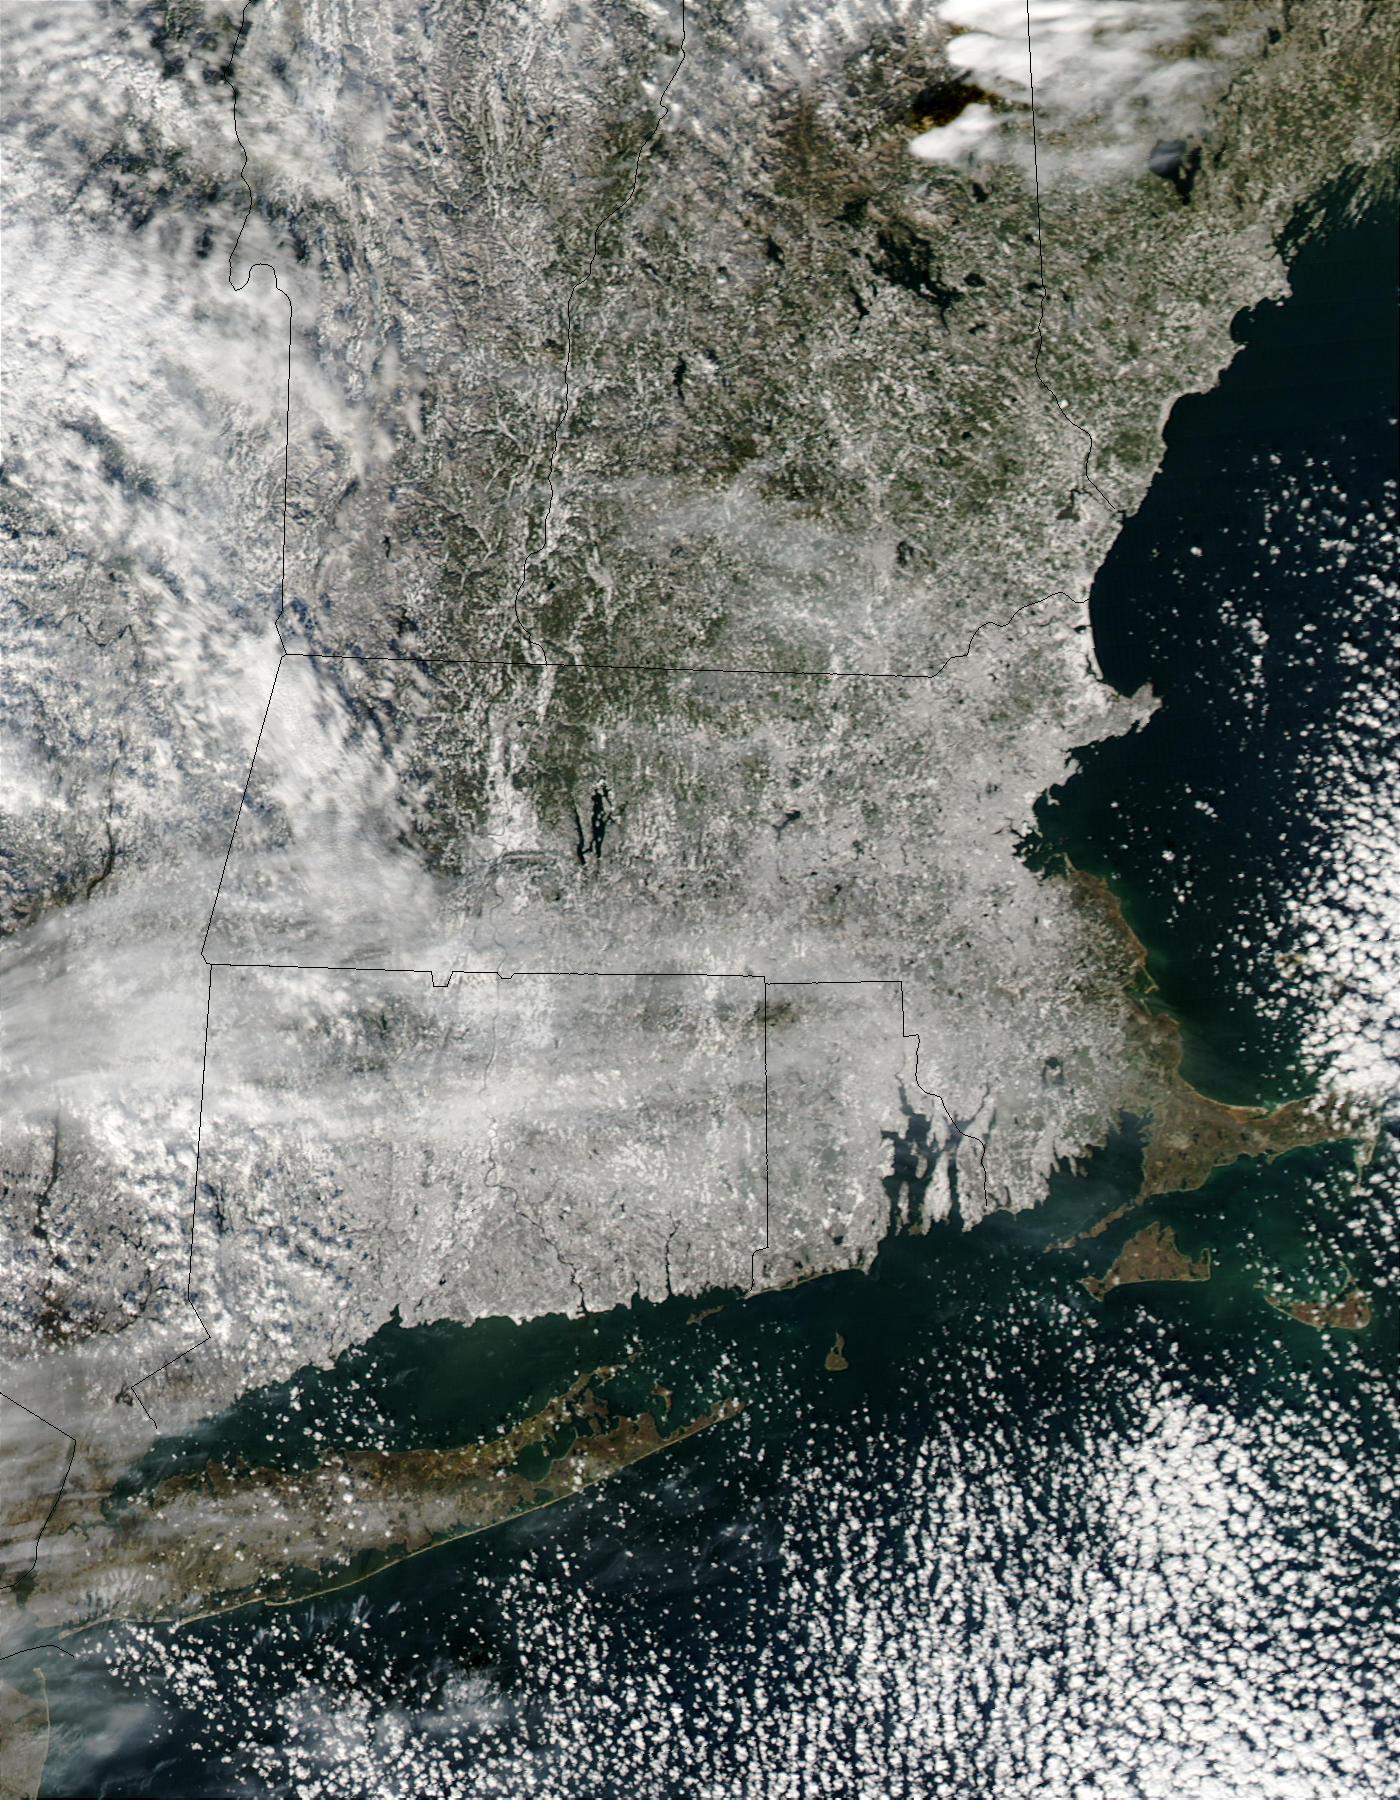 Nieve en Nueva Inglaterra